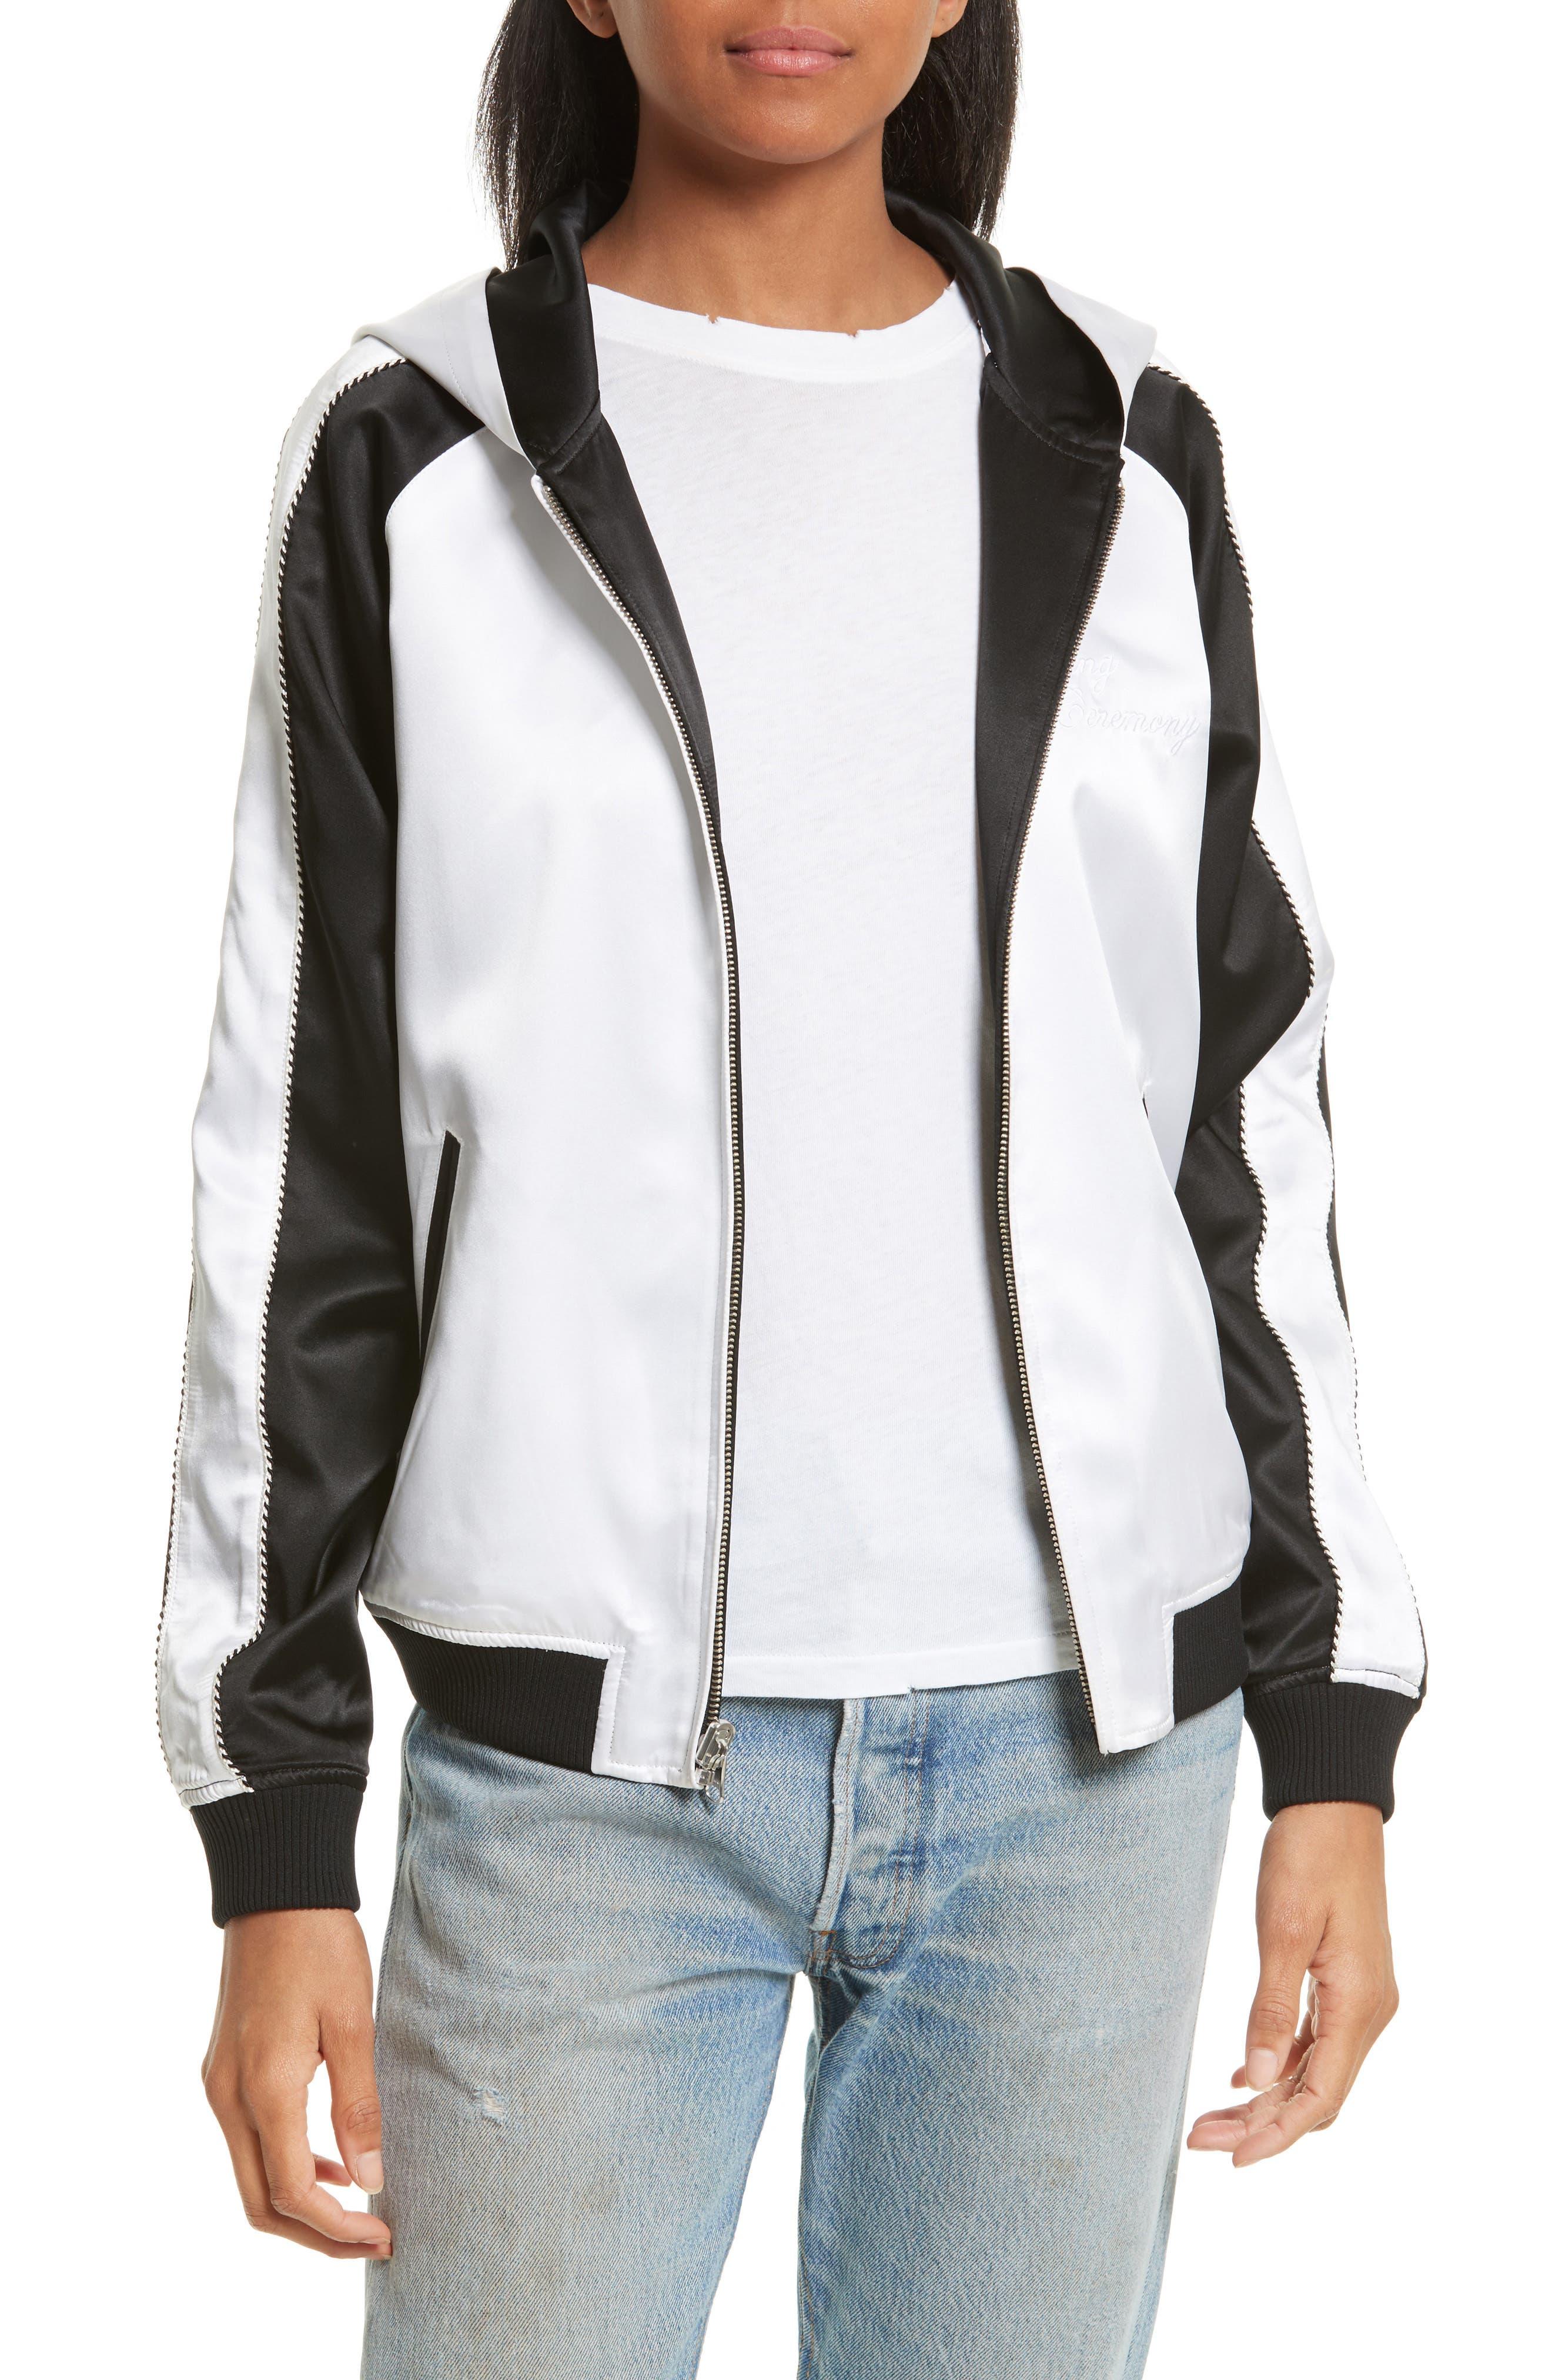 OC Reversible Silk Track Jacket,                             Main thumbnail 1, color,                             Black Multi